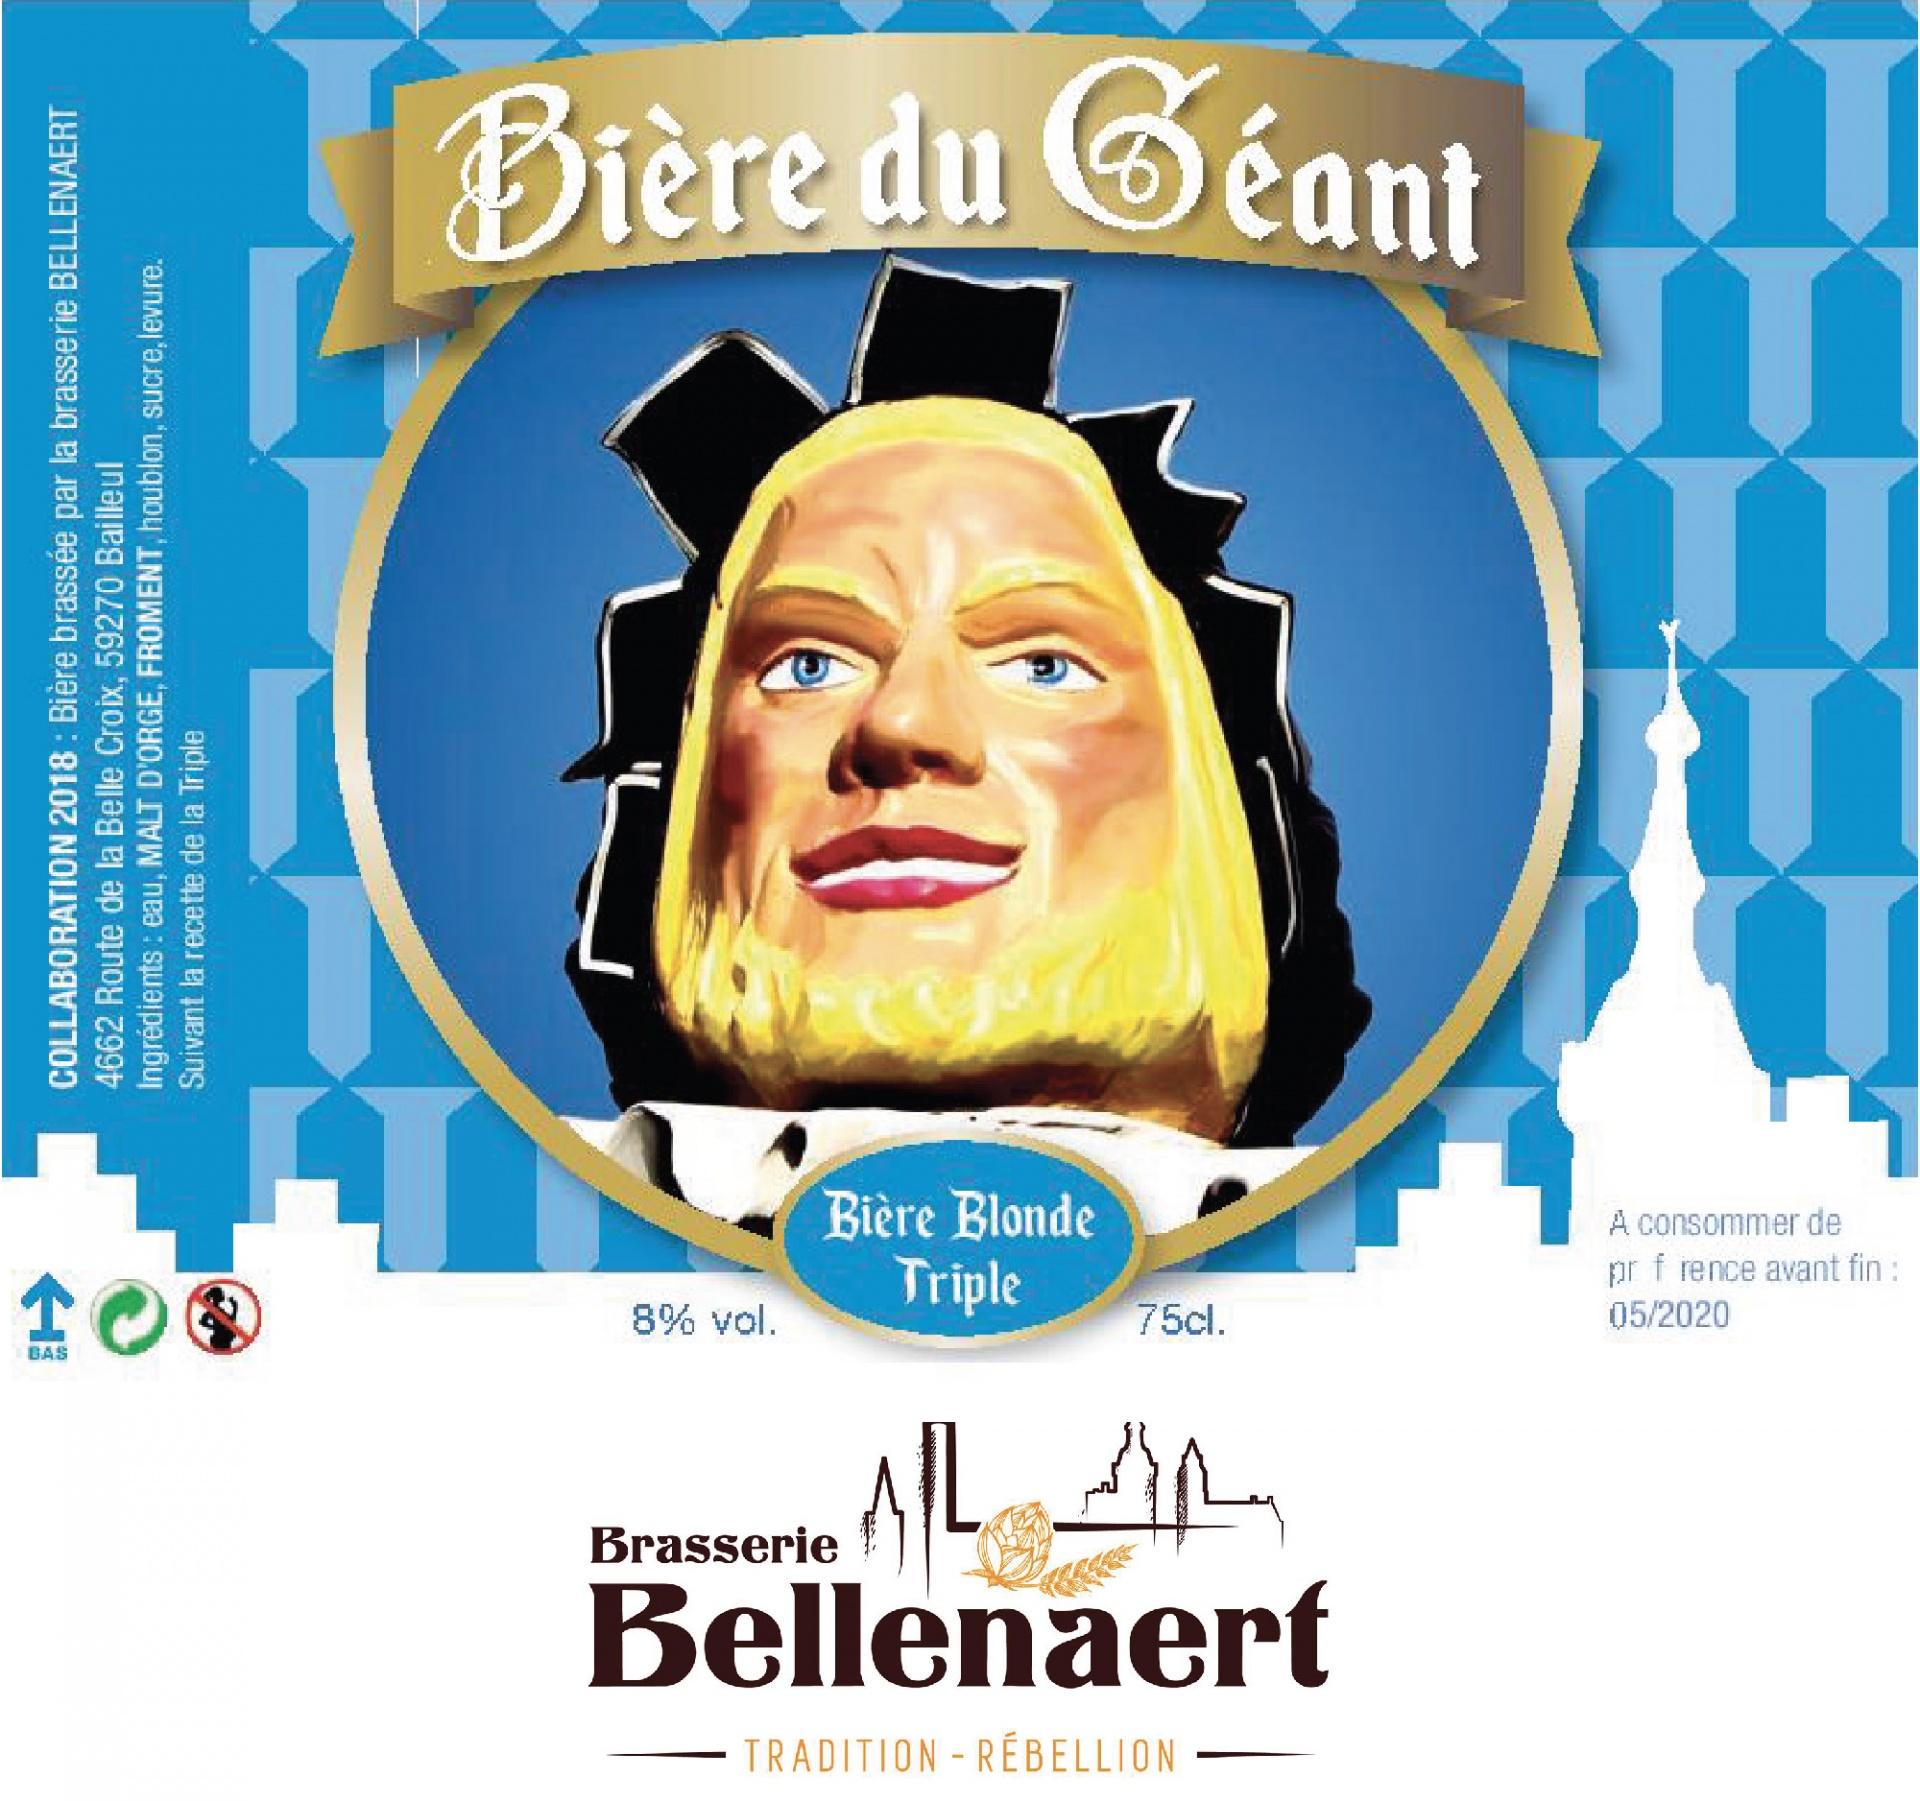 Brasserie bellenaert_Plan de travail 1